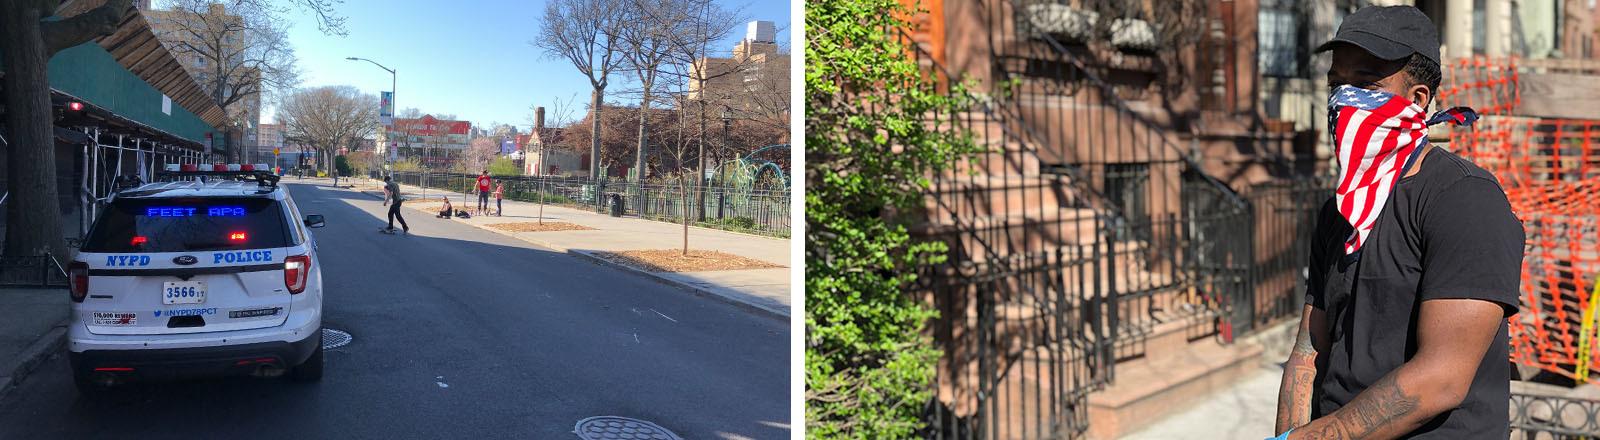 Ein New-Yorker-Polizeiauto und ein junger Mann mit Mundschutz.